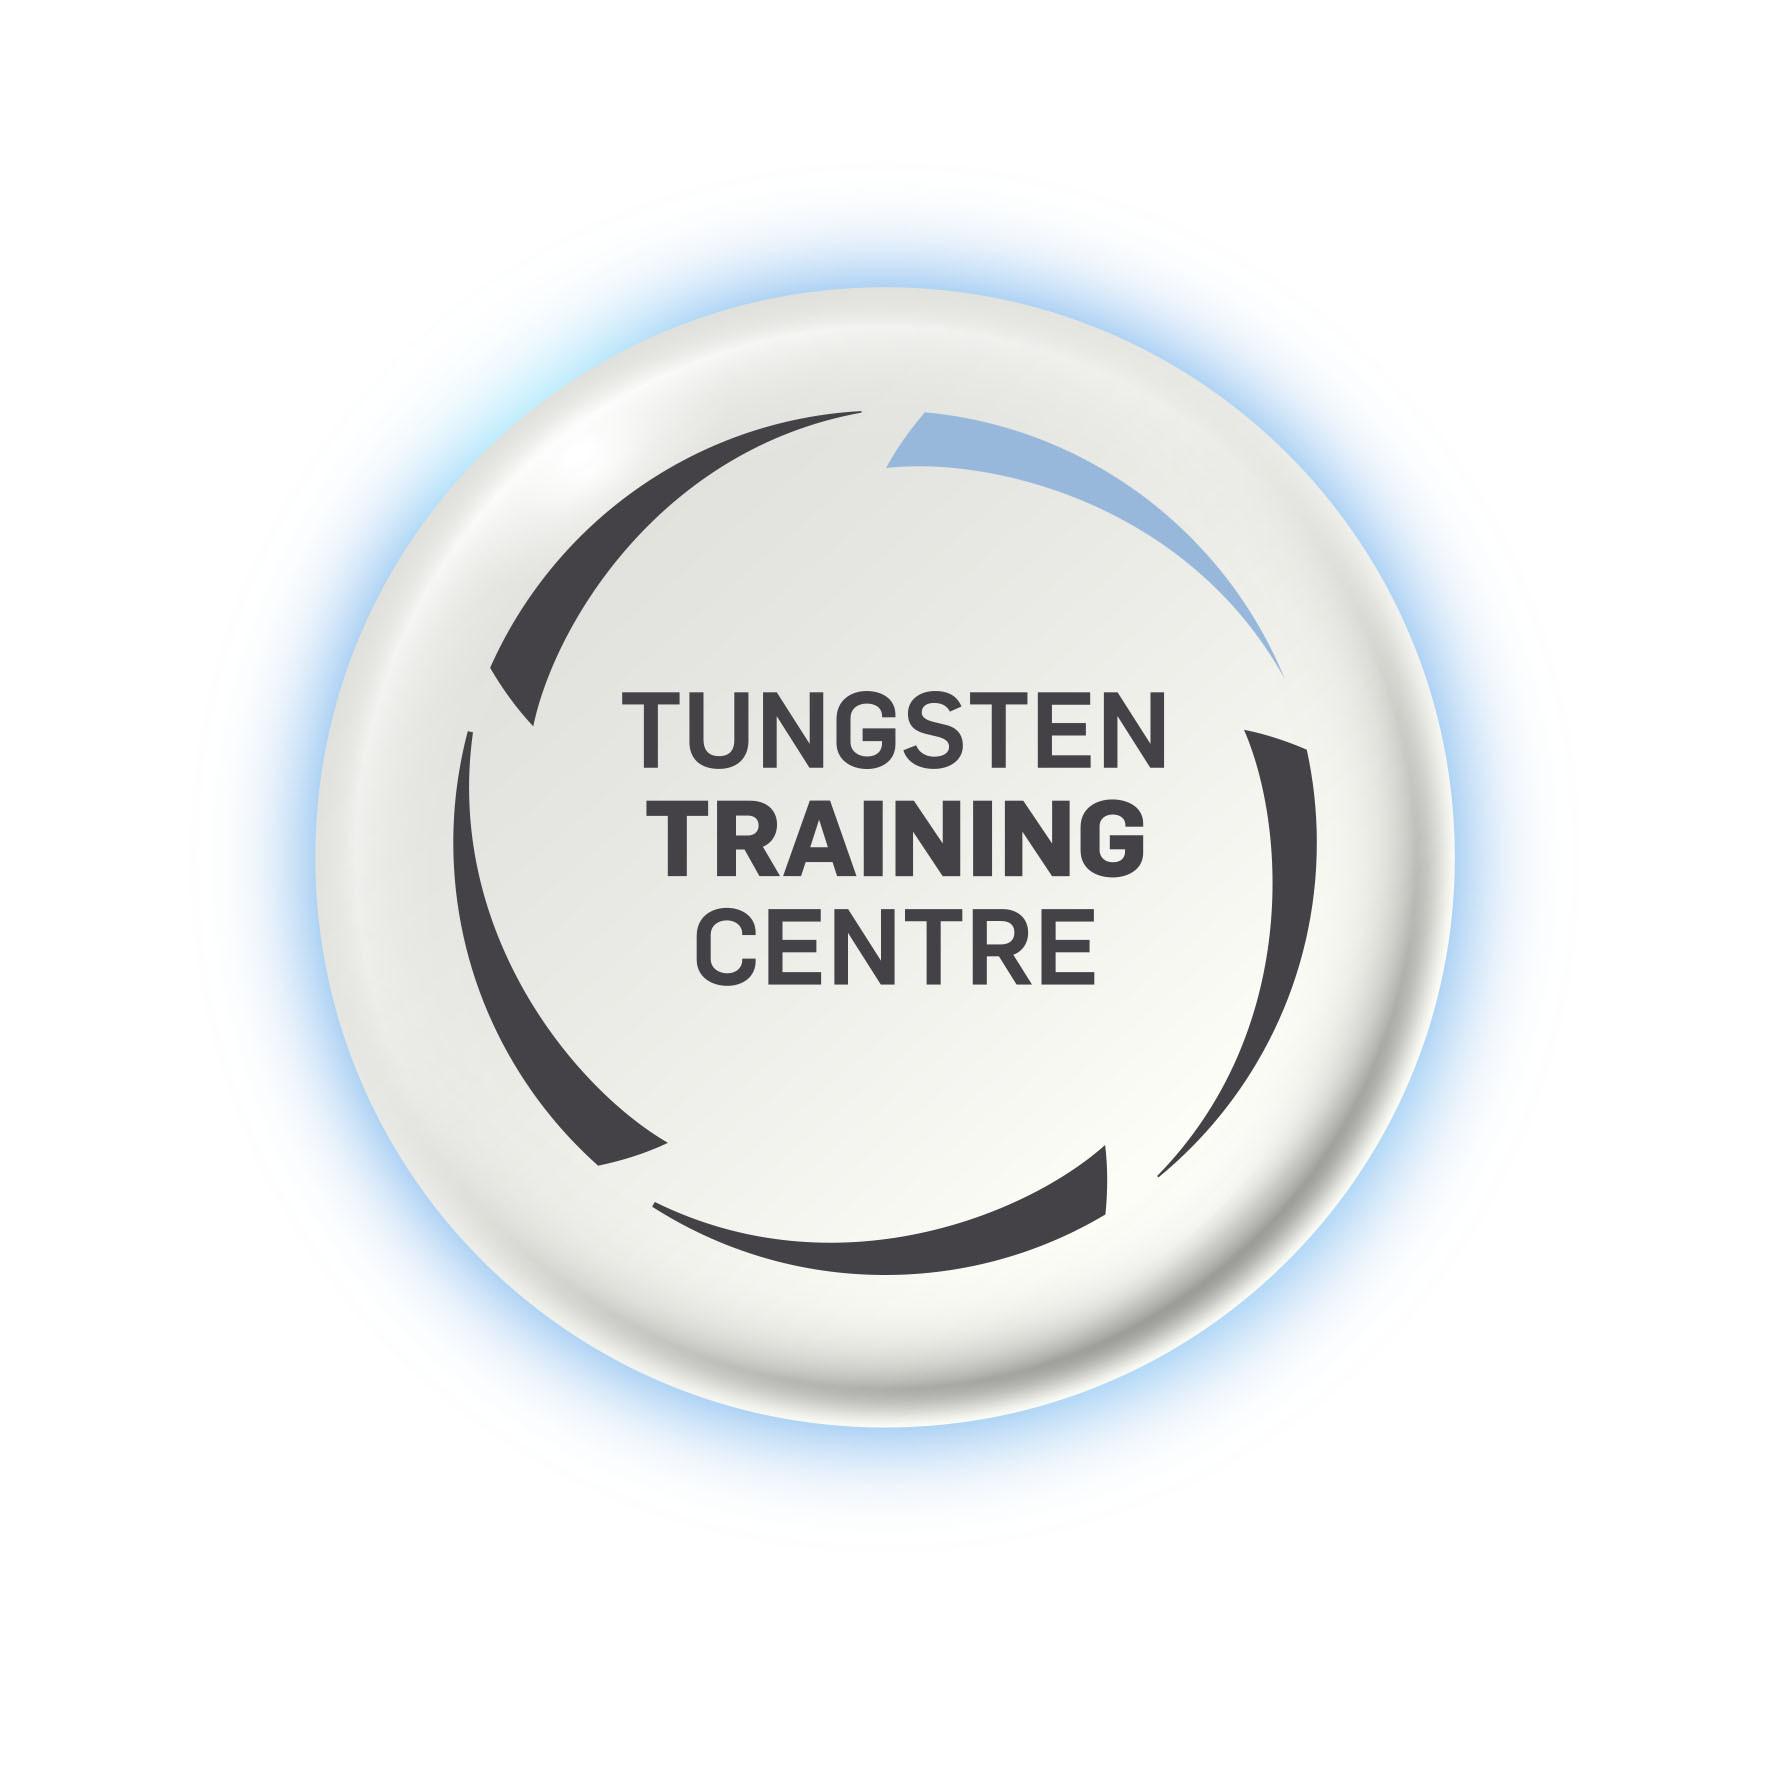 Tungsten Training